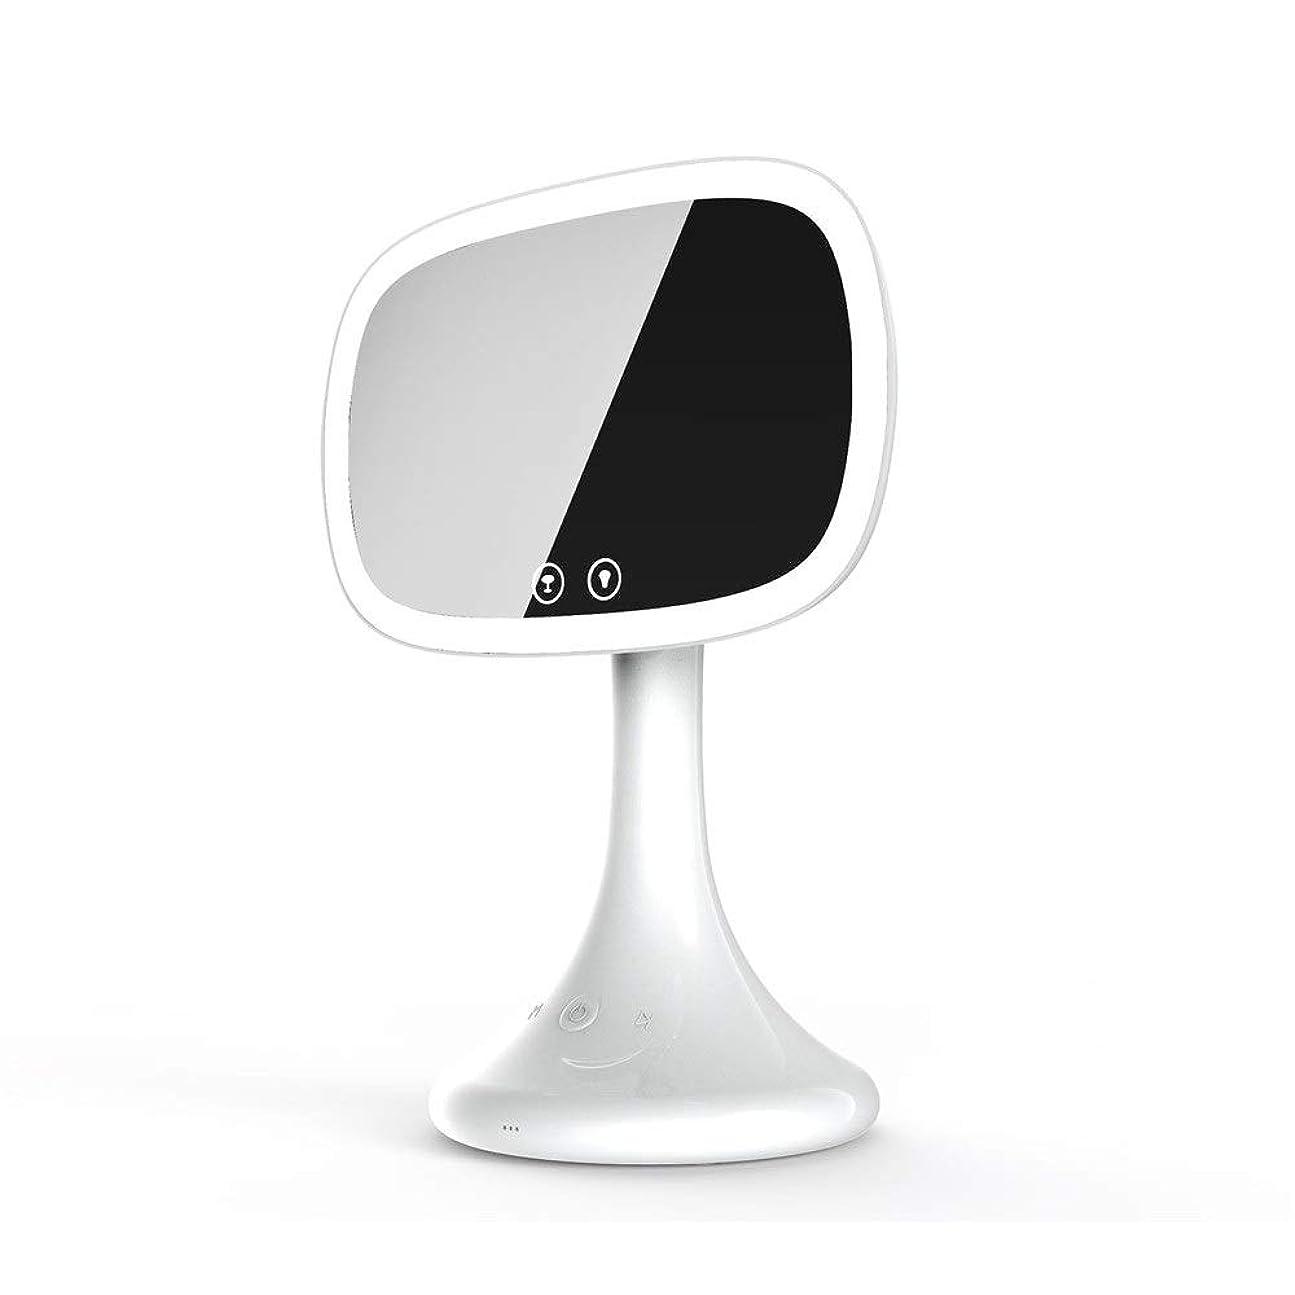 水差しヘア満足化粧鏡 Ledブルートゥース化粧虚栄心ミラー10倍拡大鏡タッチスクリーン調整可能な調光対応カウンタートップ化粧鏡テーブルランプ (色 : 白, サイズ : ワンサイズ)